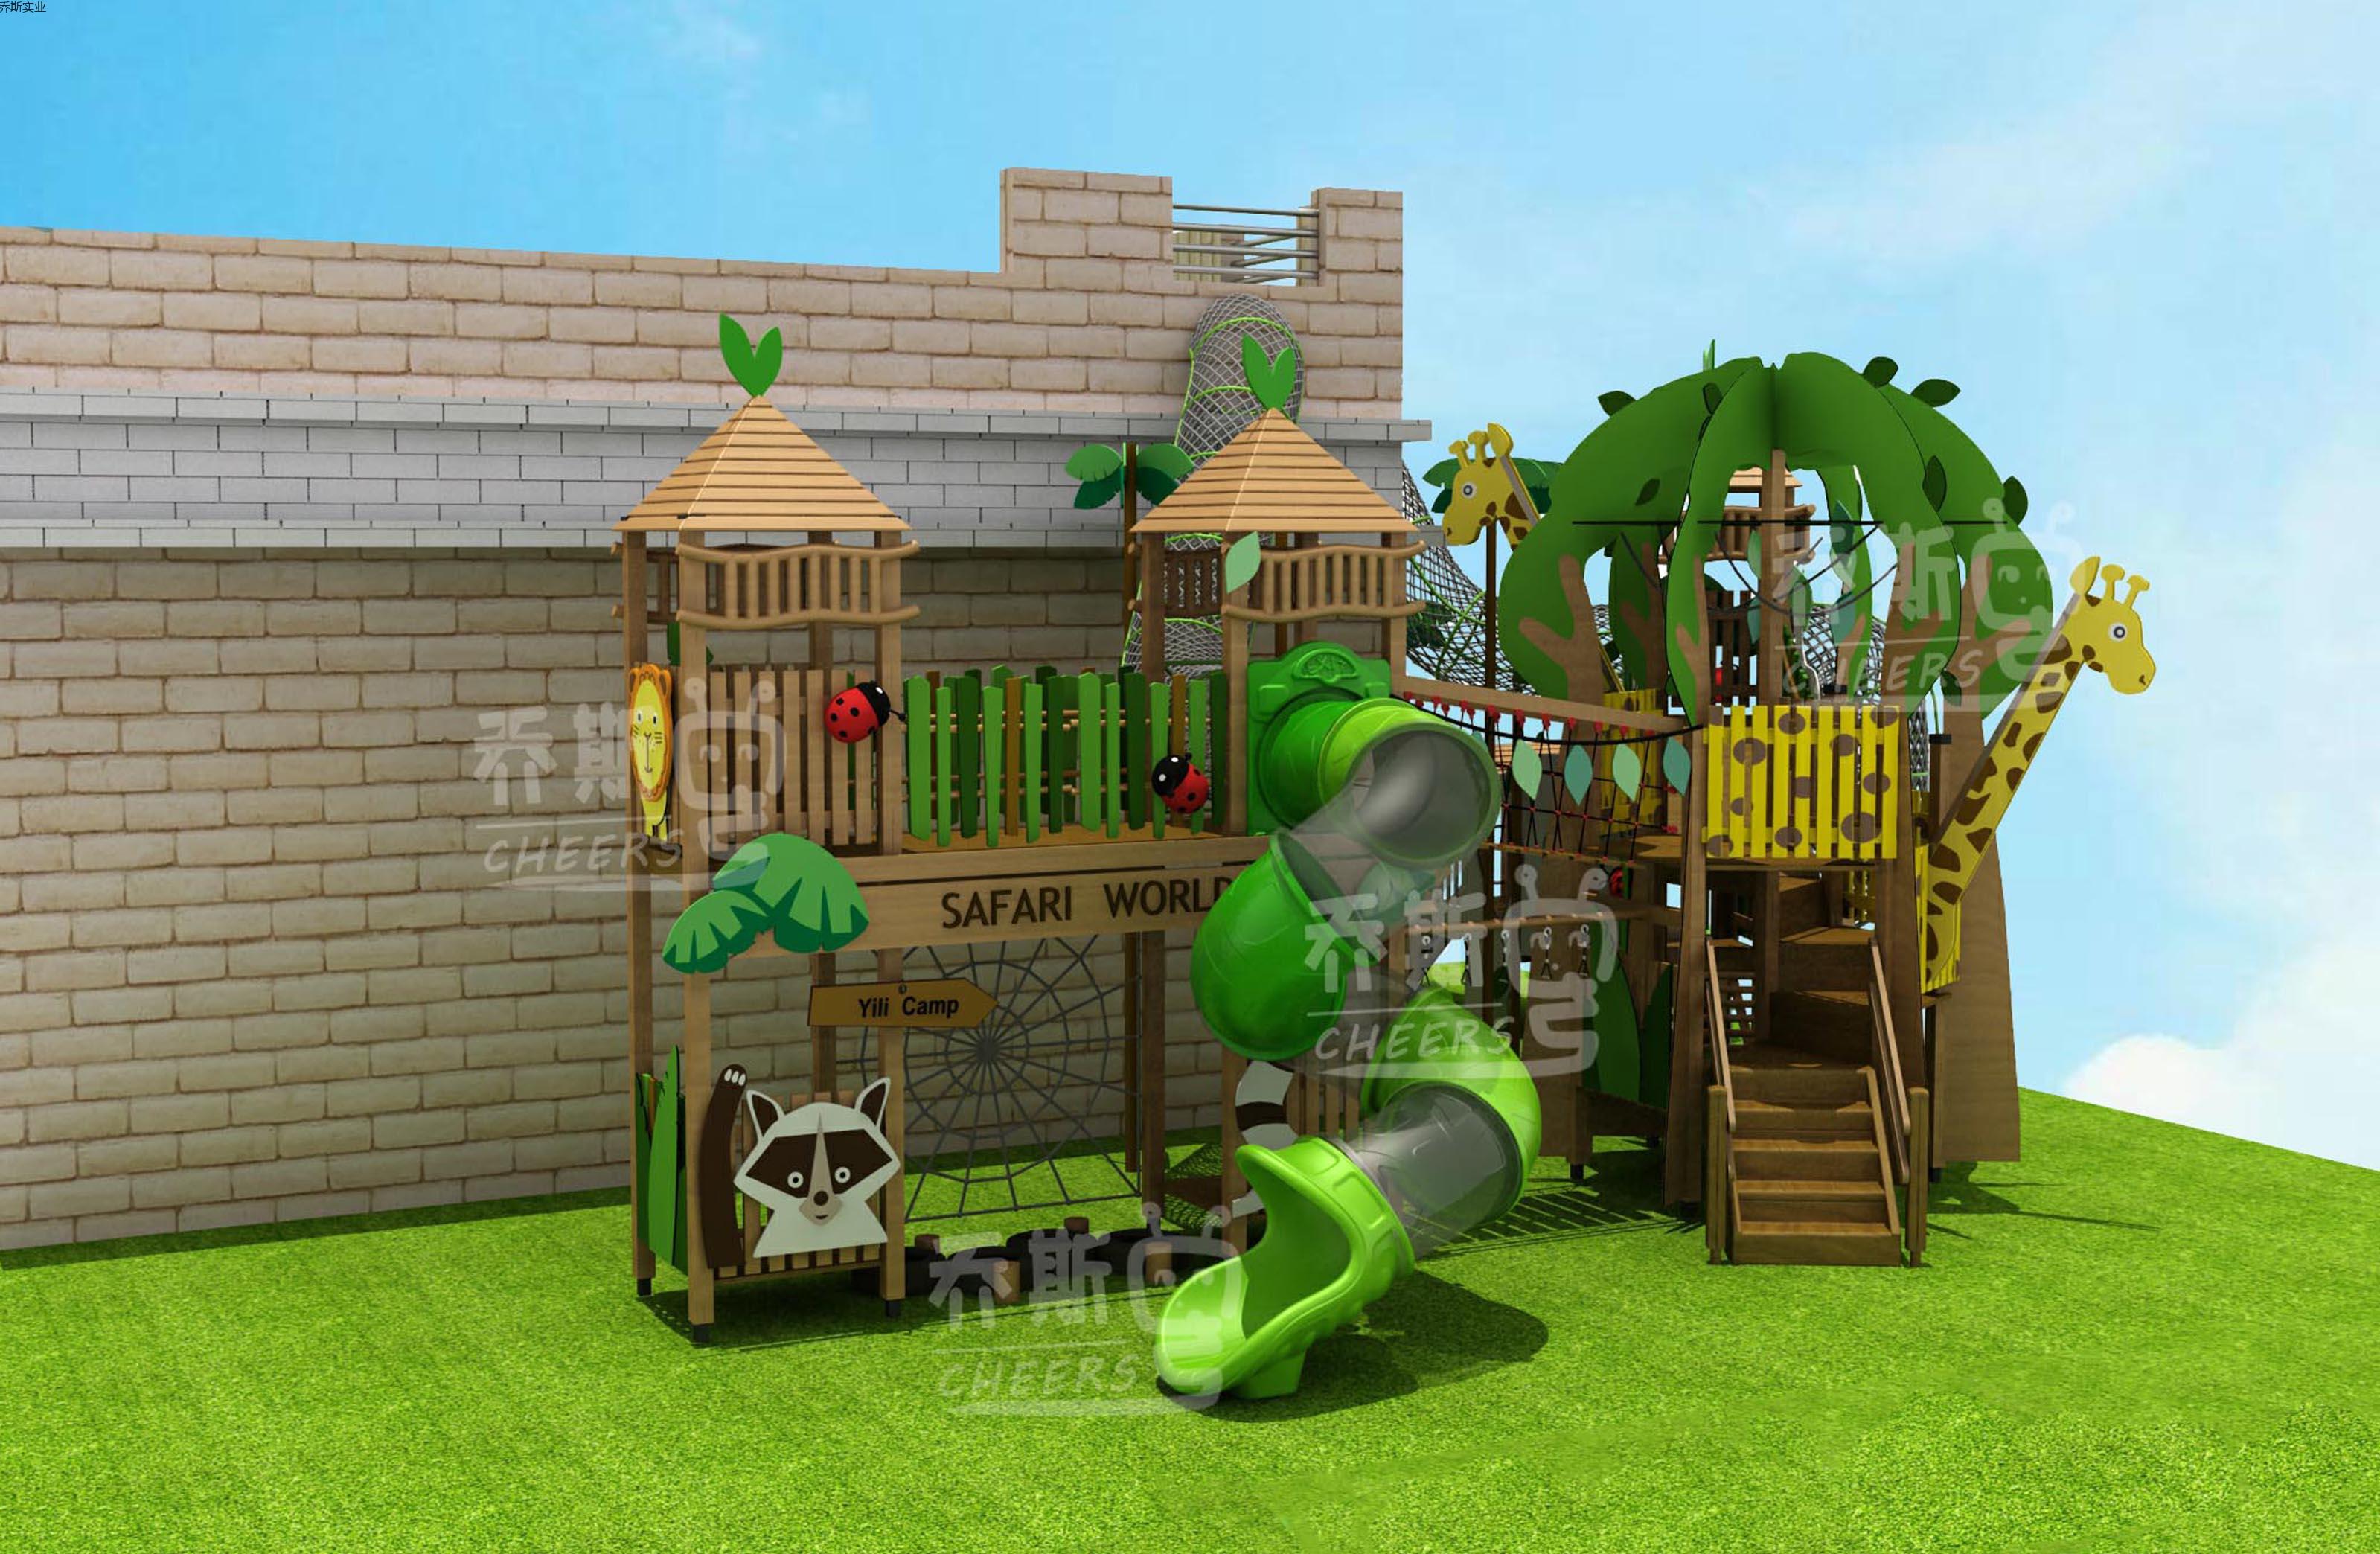 江门市新向阳幼儿园--动物园拓展滑梯